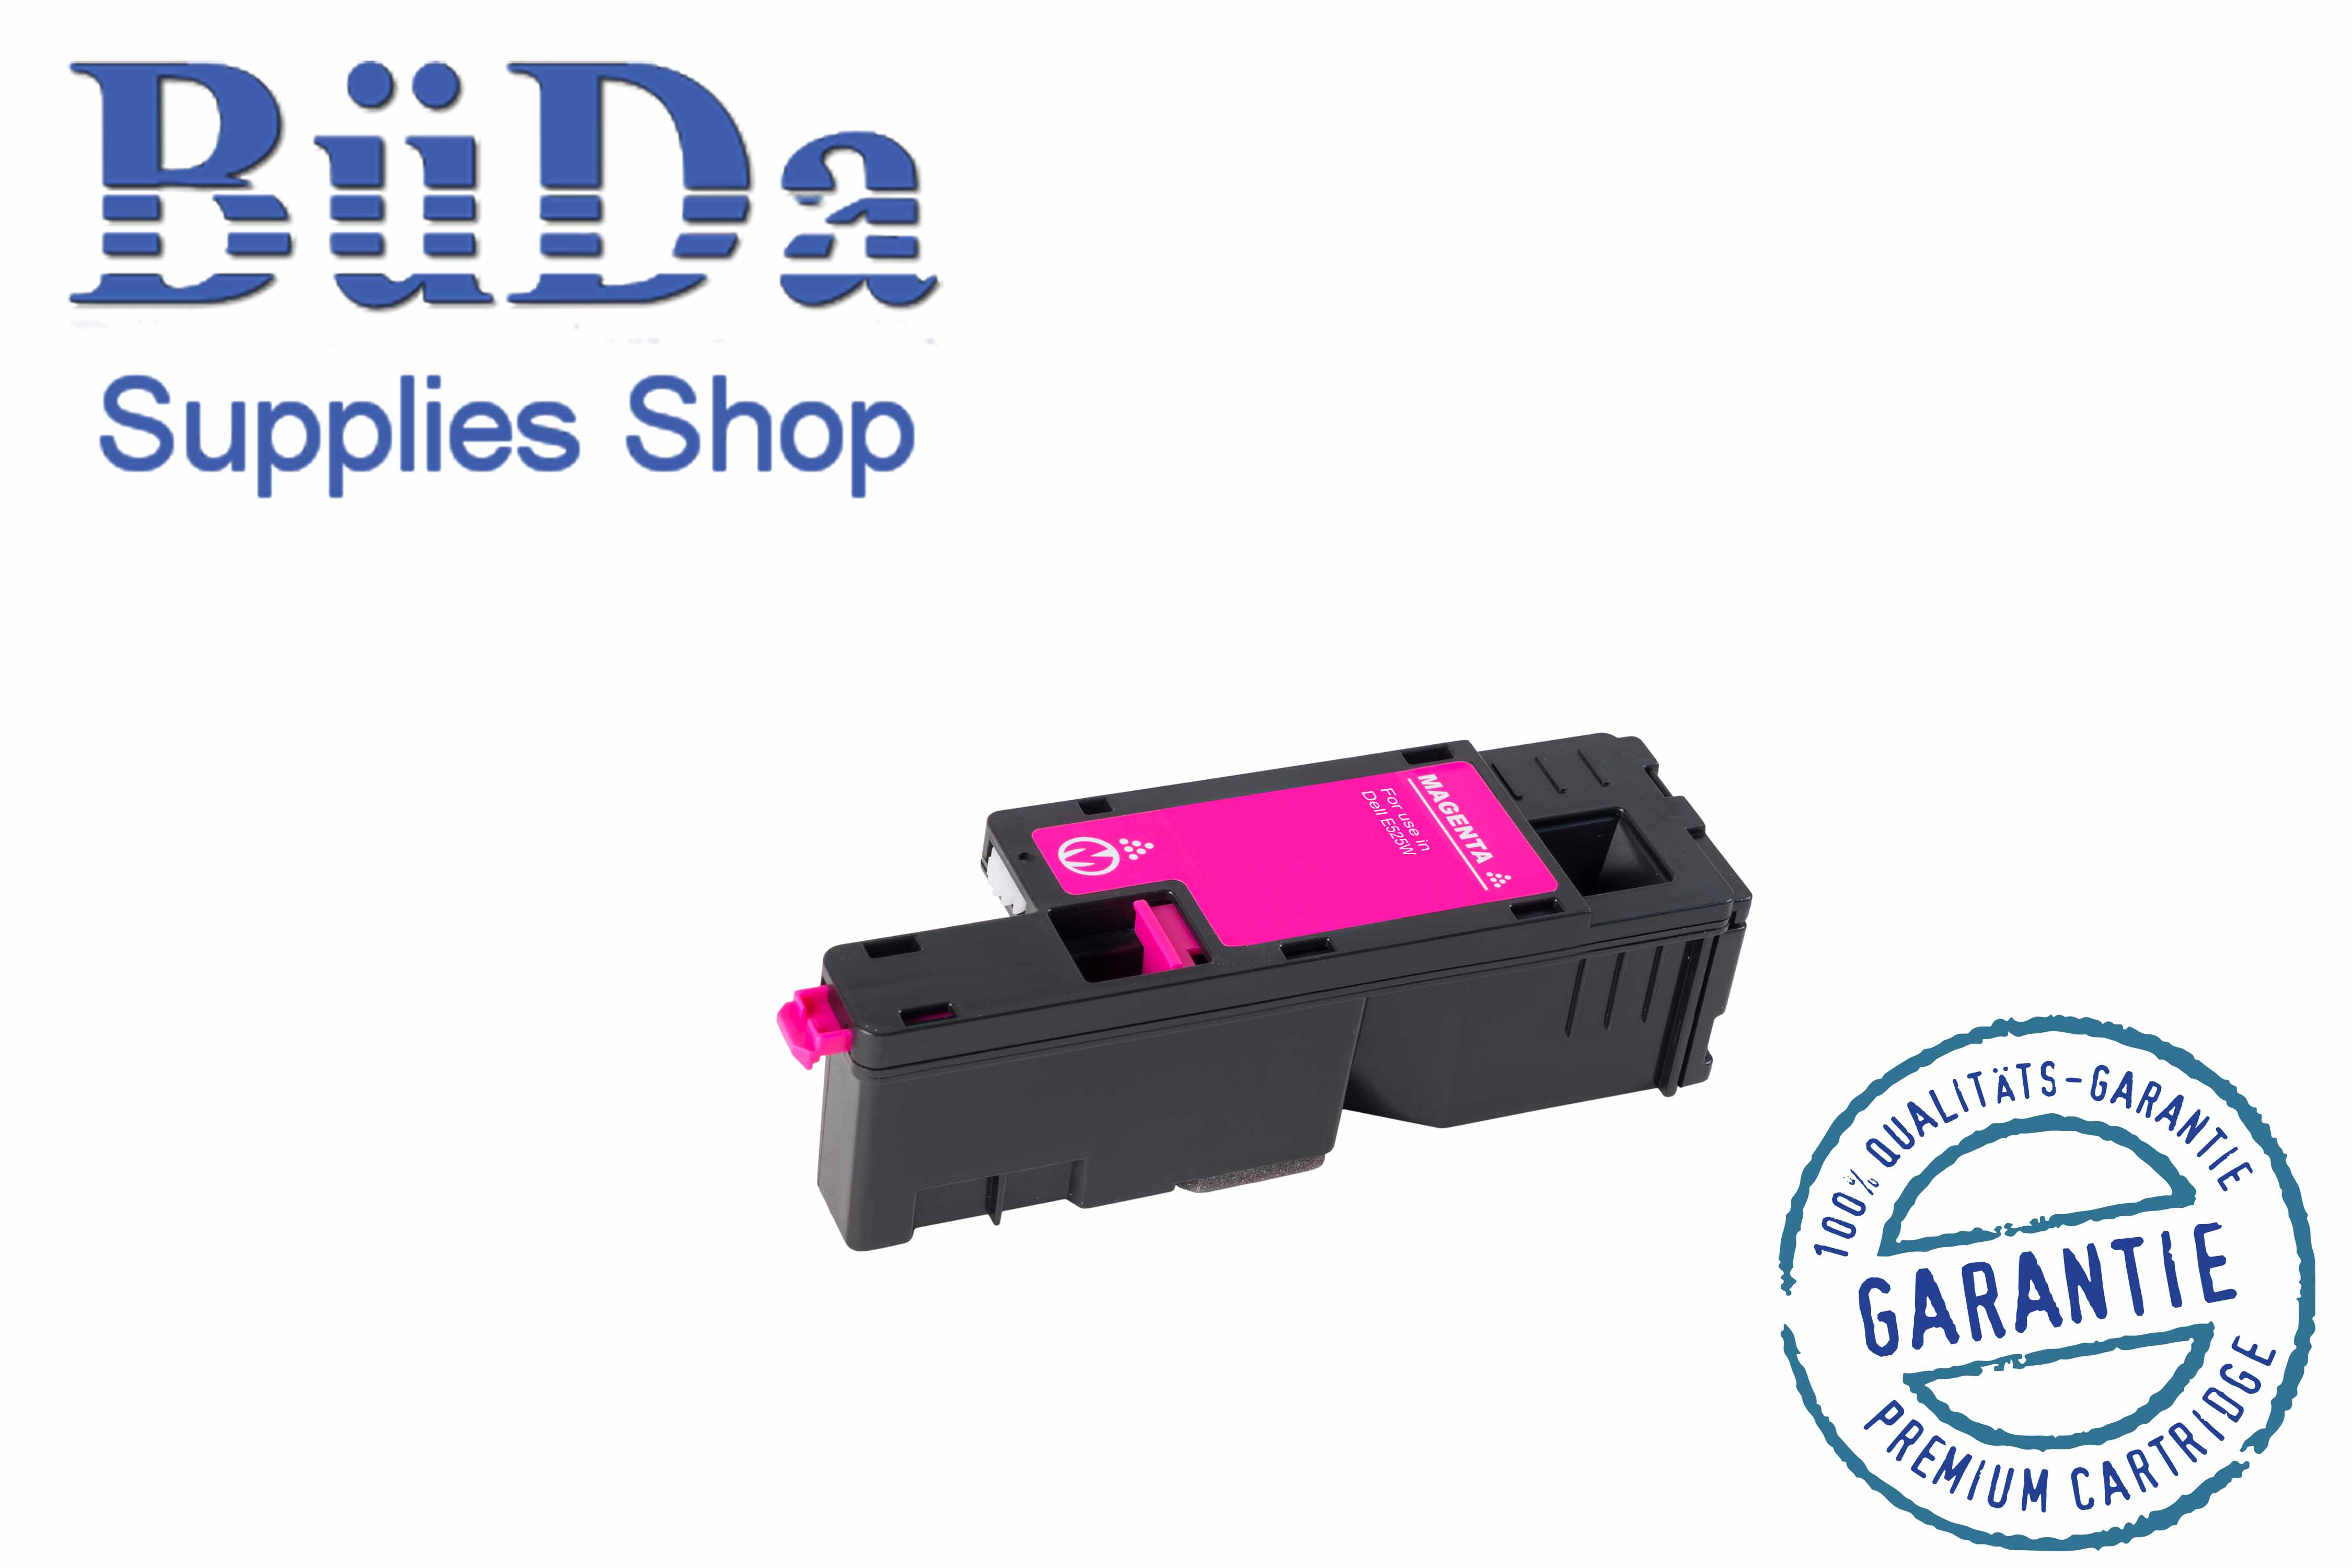 Toner-Modul komp. zu Dell E525W magenta 1400 Seiten